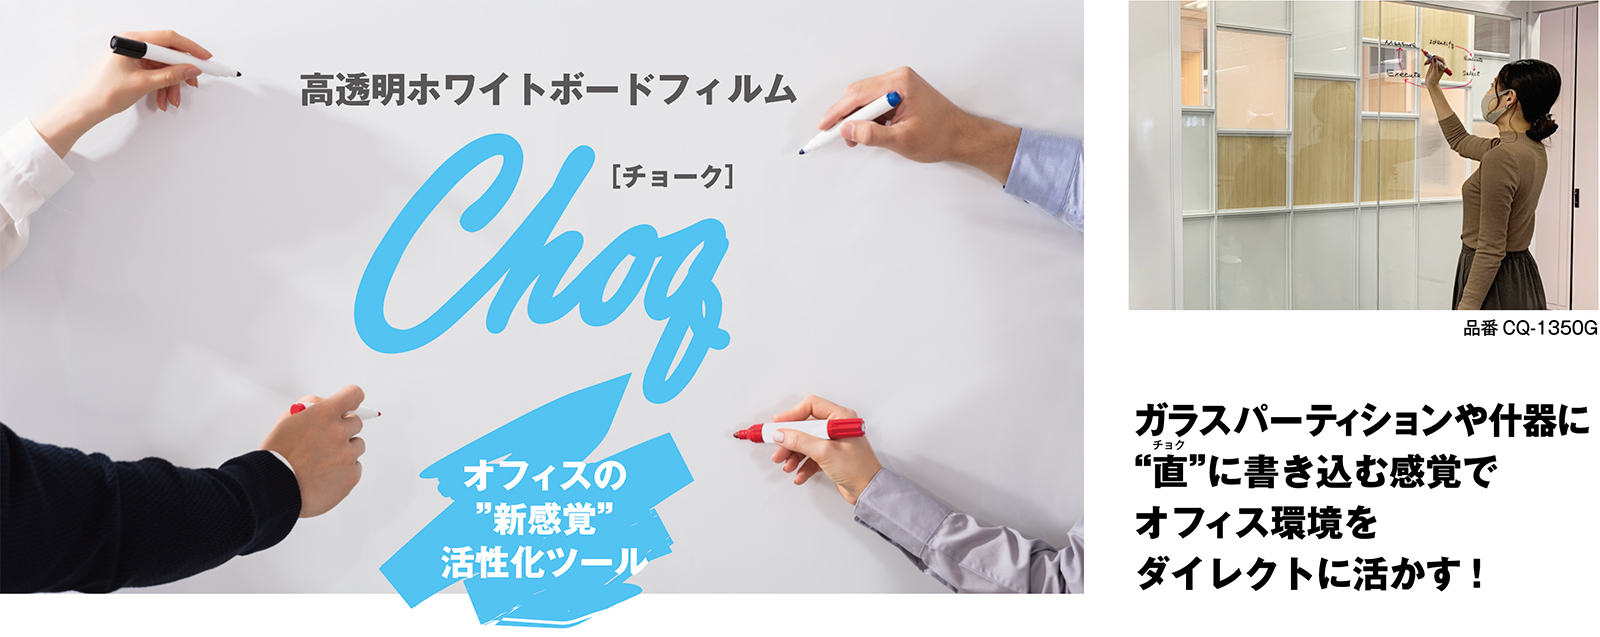 高透明マーキングシート Choq[チョーク] オフィスの新感覚活性化ツール:ガラスパーティションや什器に直(チョク)に書き込む感覚でオフィス環境をダイレクトに活かす! 品番:CQ-1350G